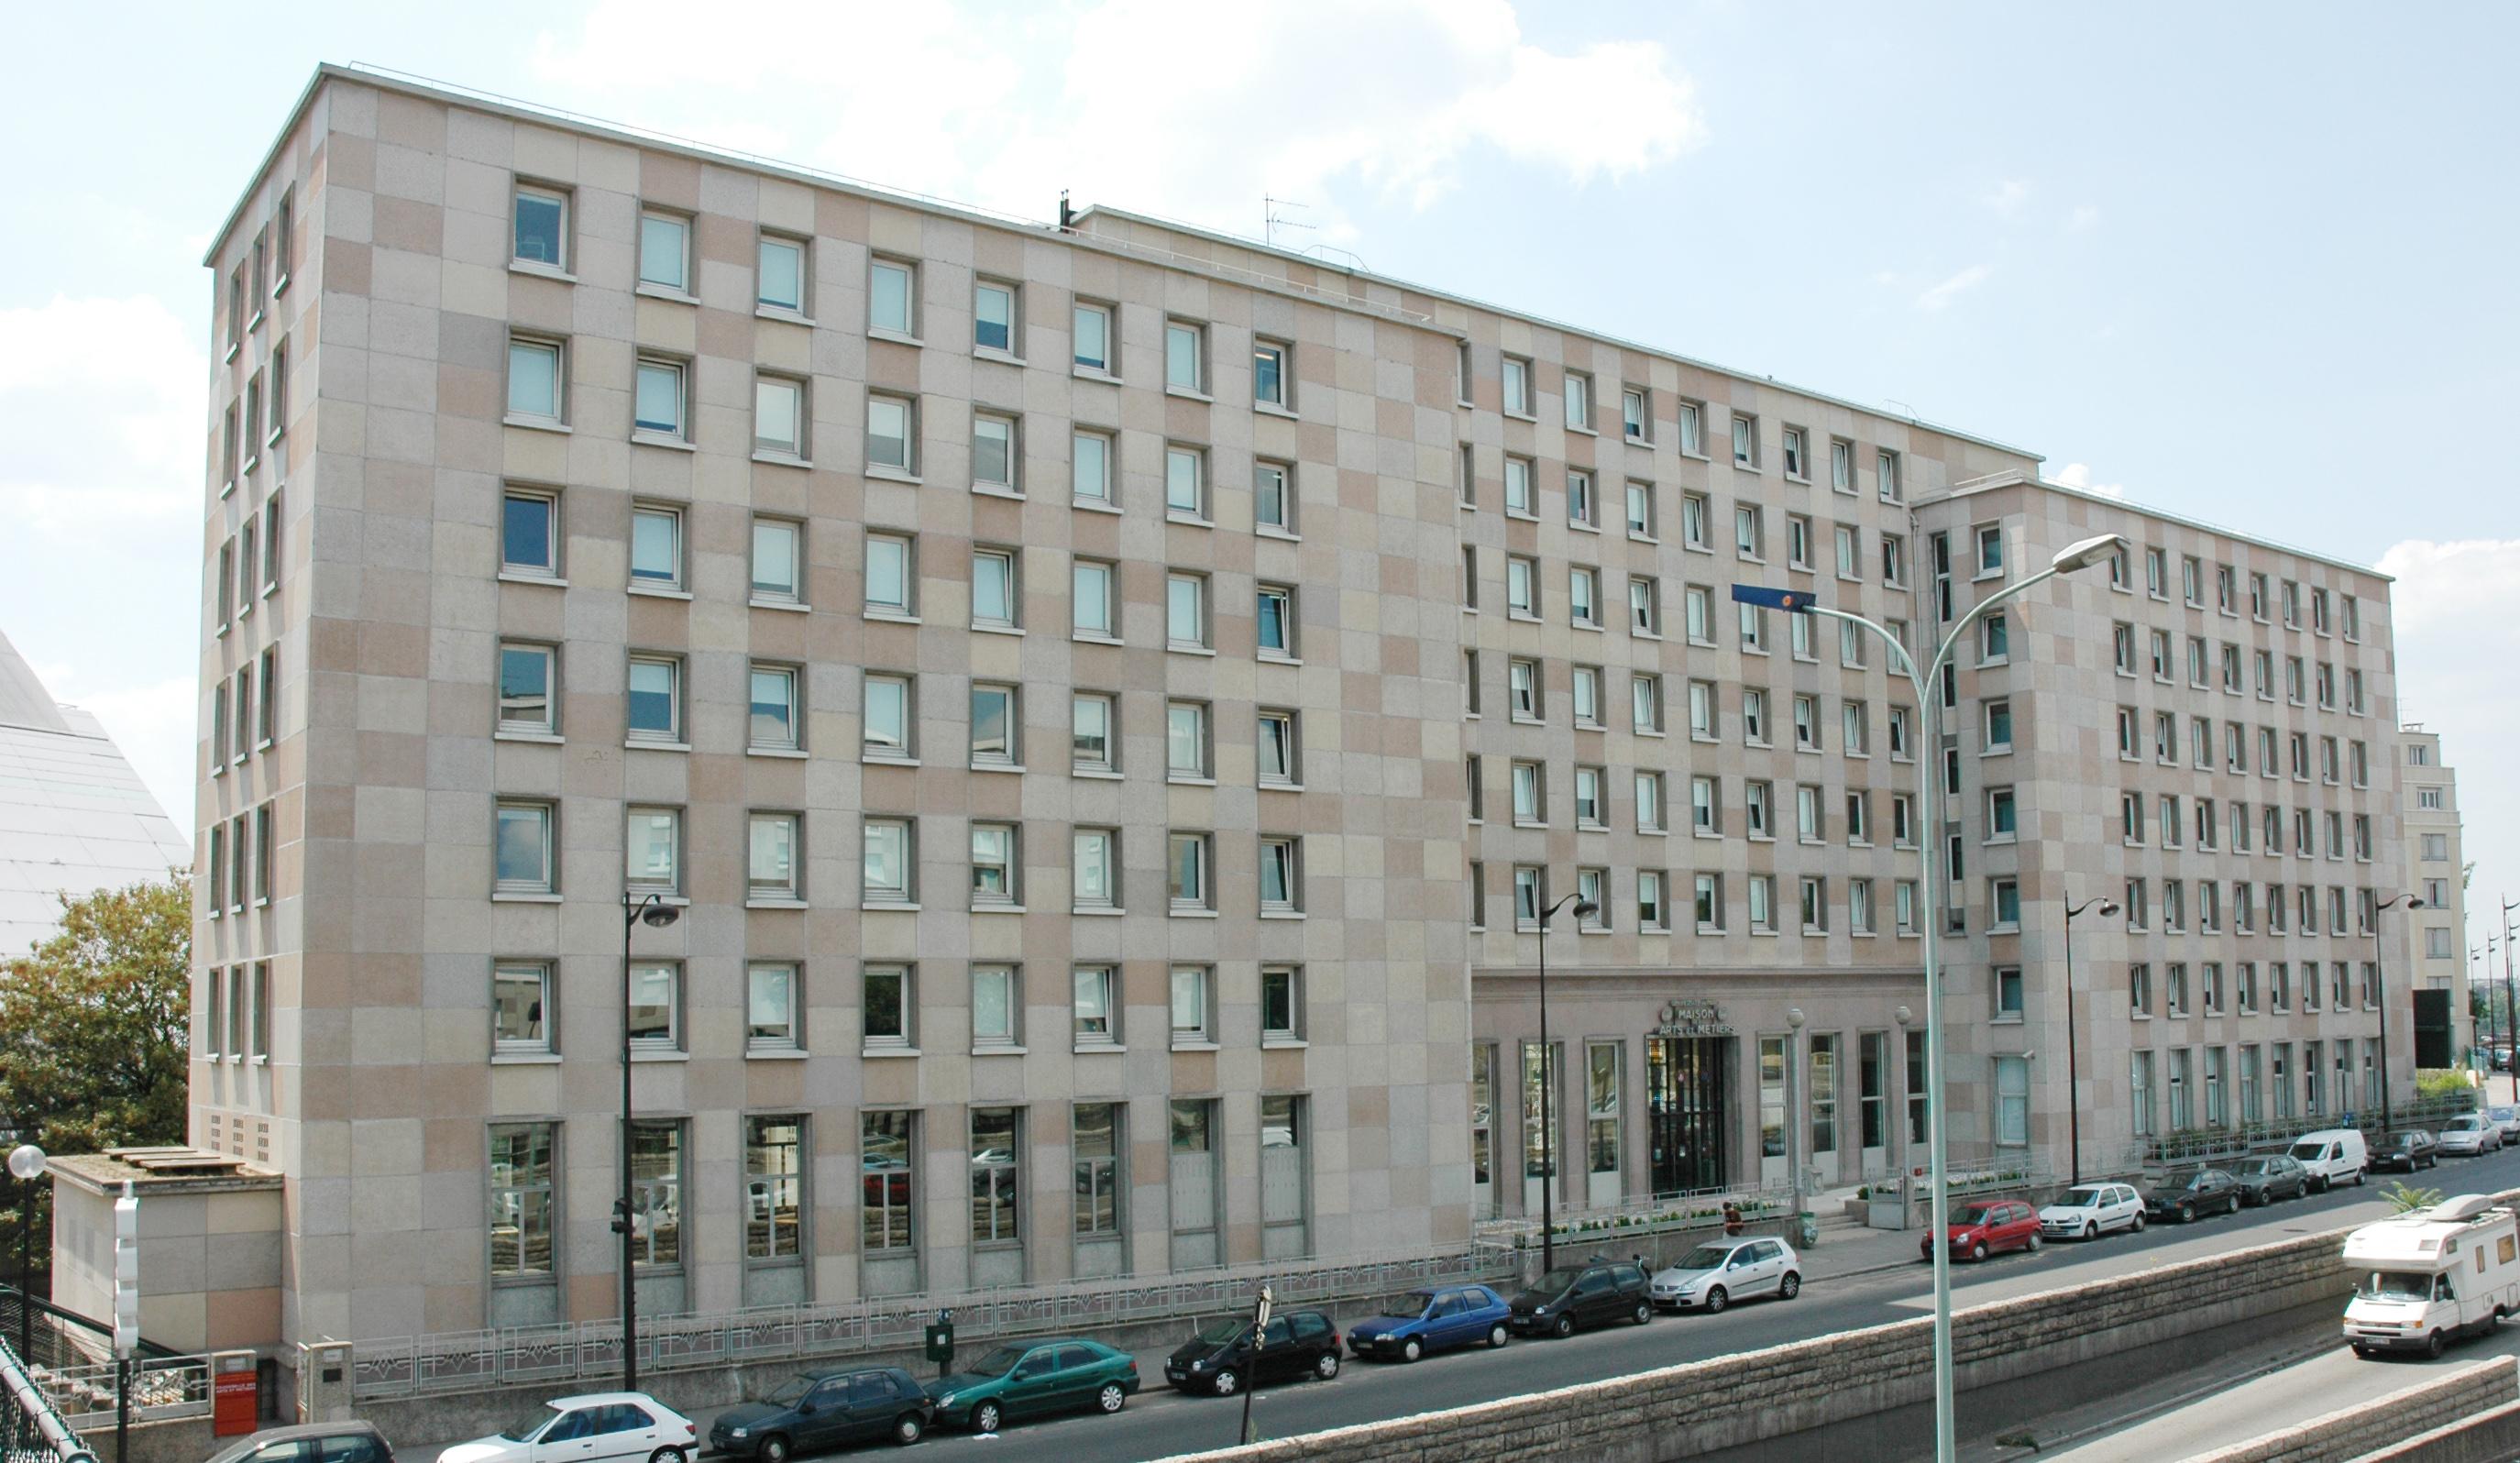 File France Paris Cite Universitaire Maison AM 1 01 JPG Wikimedia Commons # Assistante Sociale Aulnay Sous Bois